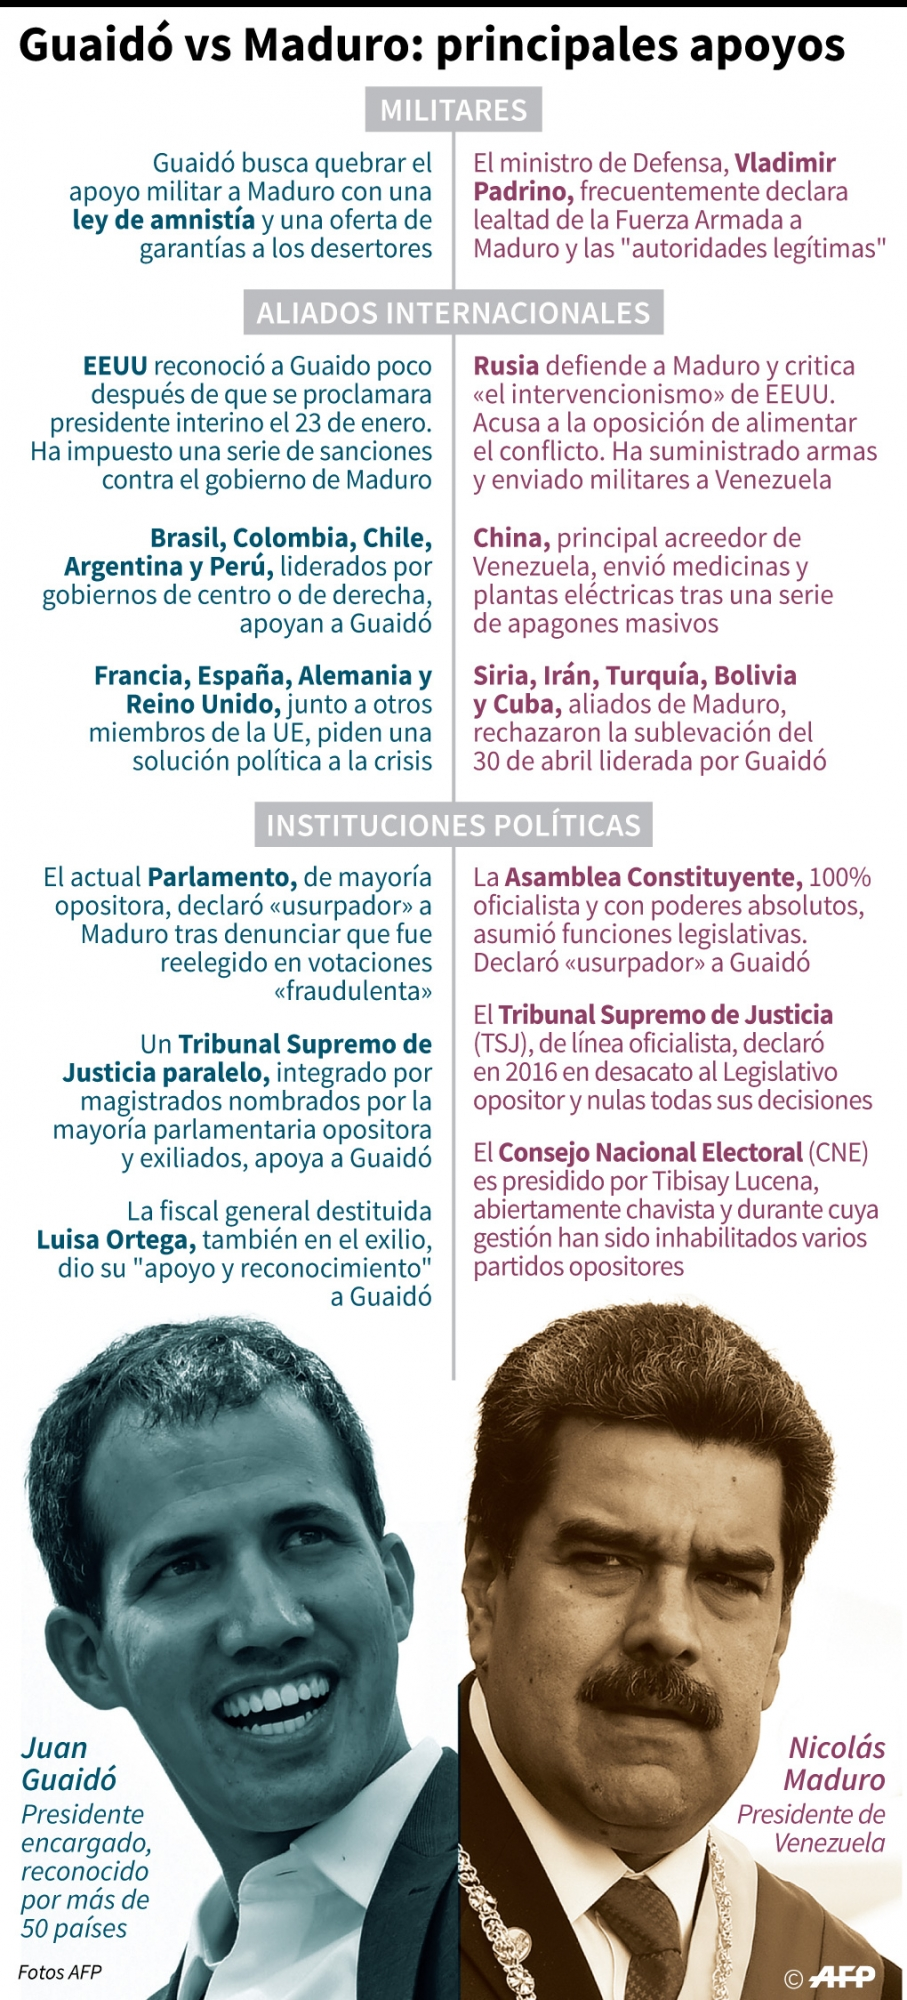 Principales apoyos de Nicolás Maduro y Juan Guaidó en Venezuela. (Infografóa: AFP)